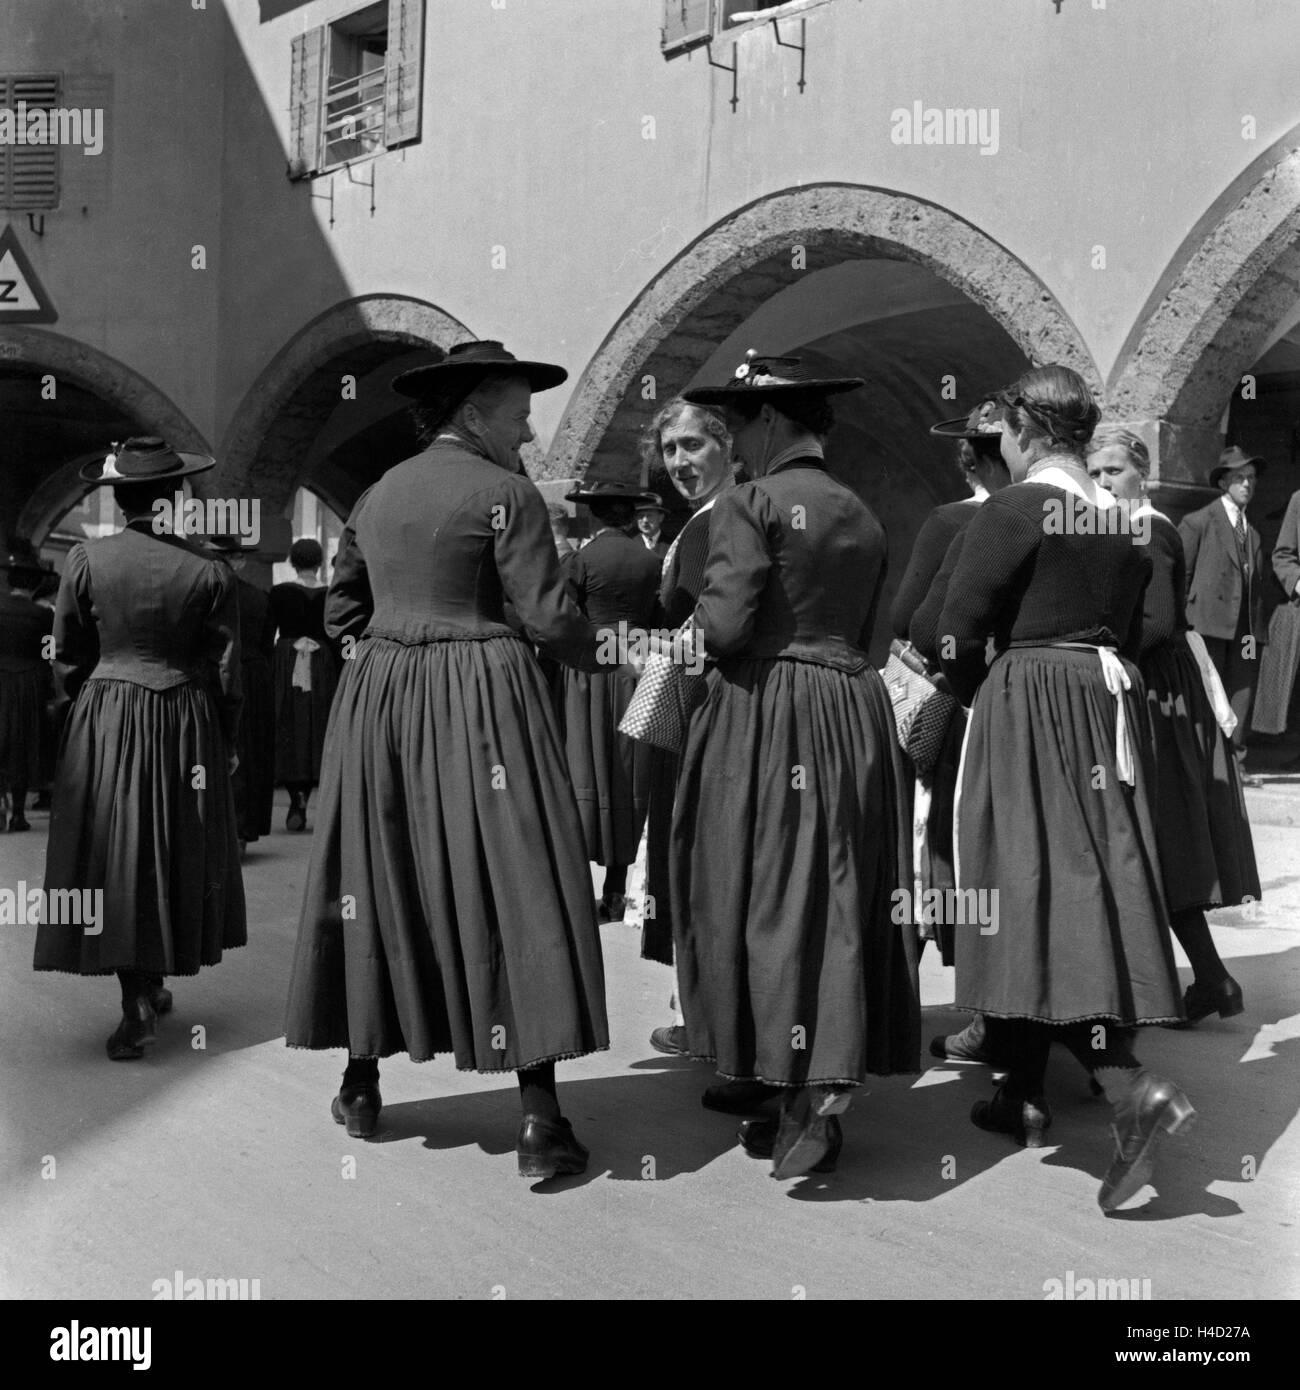 Frauen unterwegs in Tracht in der Innenstadt von Berchtesgaden, Deutschland 1930er Jahren. Women wearing local array - Stock Image